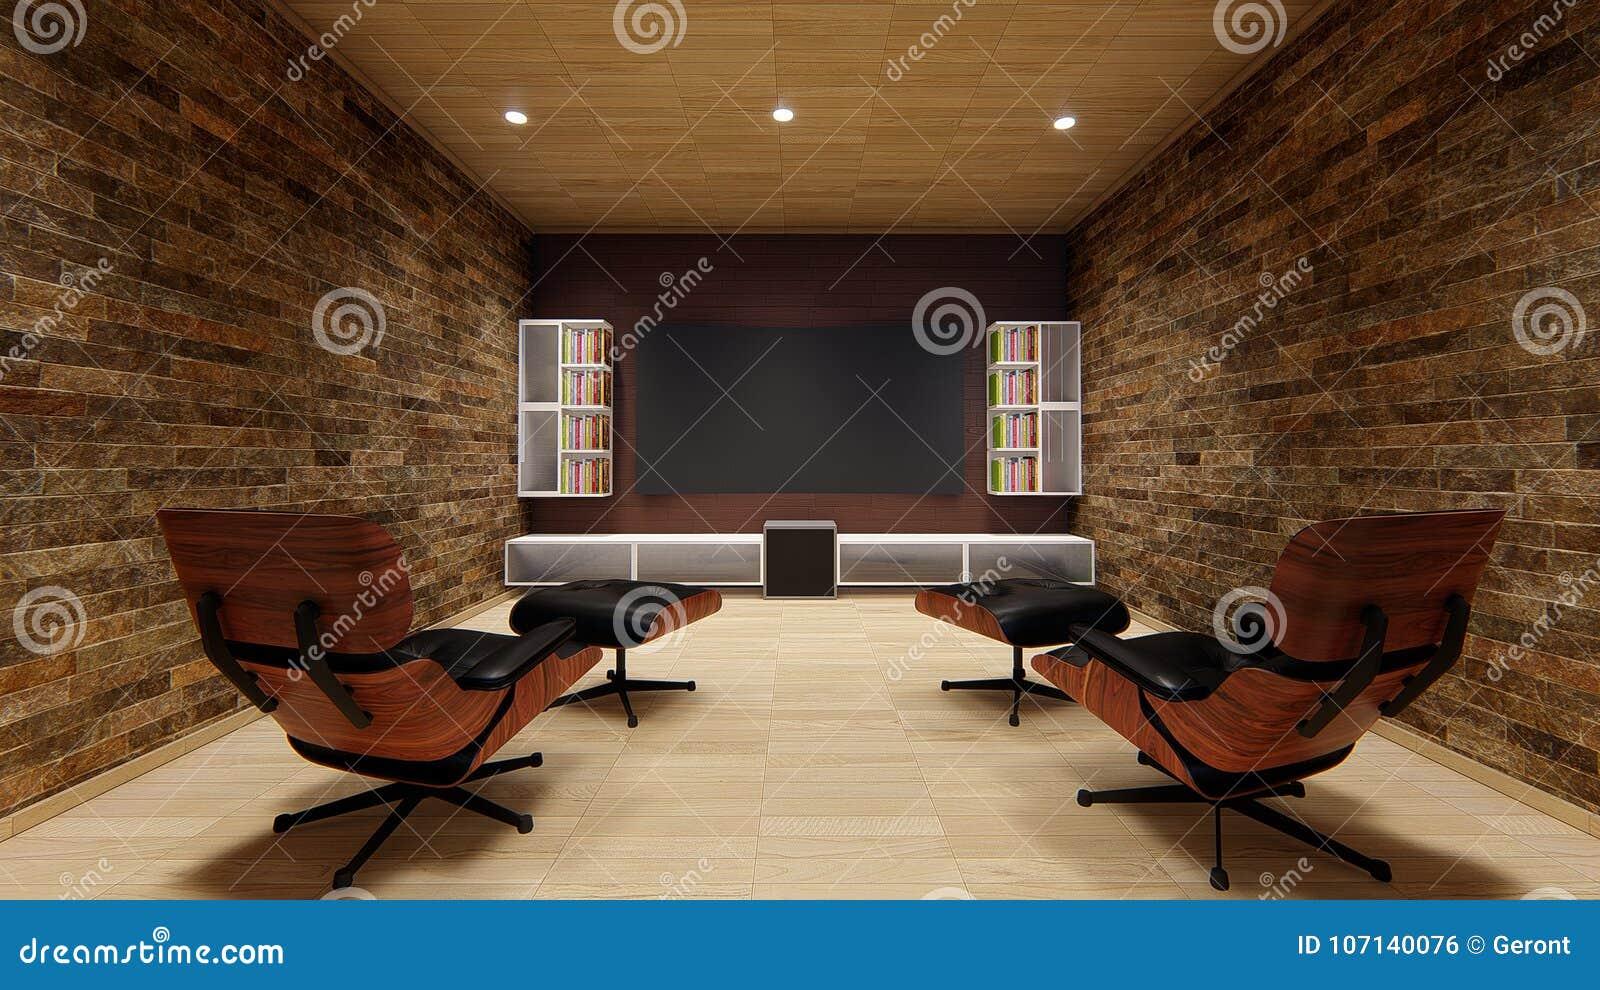 Schöne uhd 4k Sofa des Haupttheater-Fernsehprojektordesigns vervollkommnen das weiche Unterhaltungsausgangsdesign